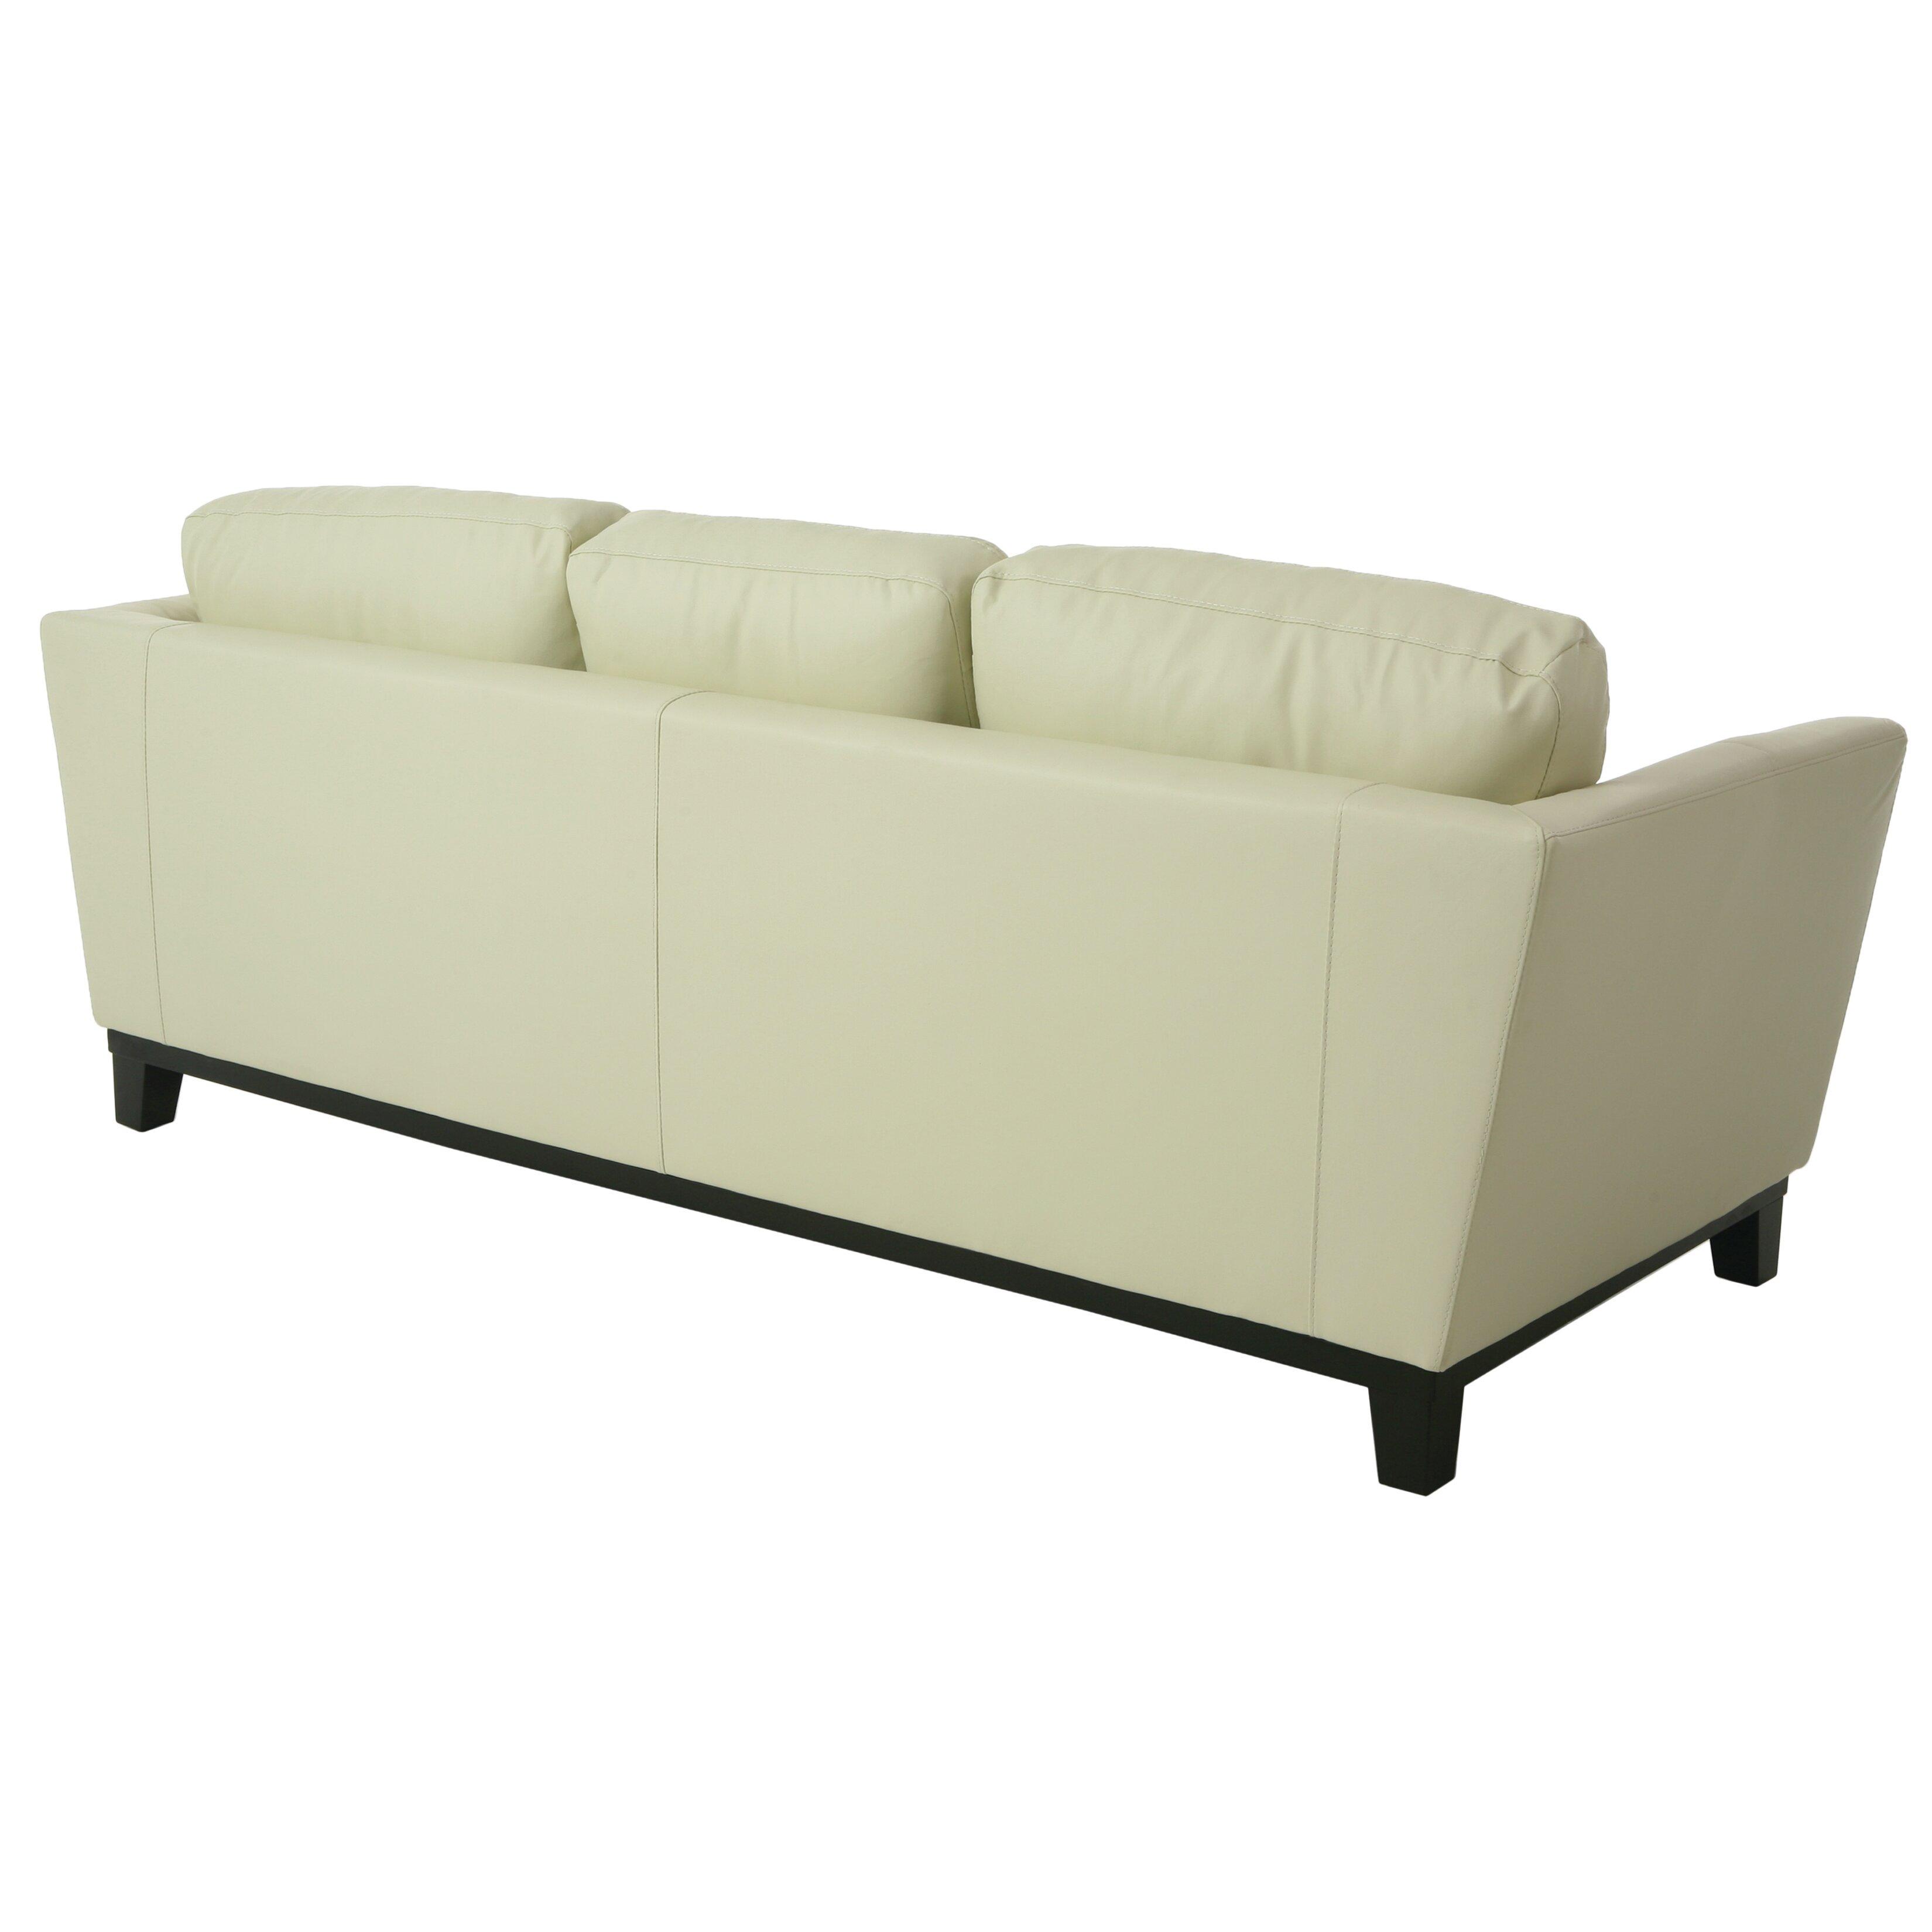 Impacterra New Zealand Sofa Wayfair